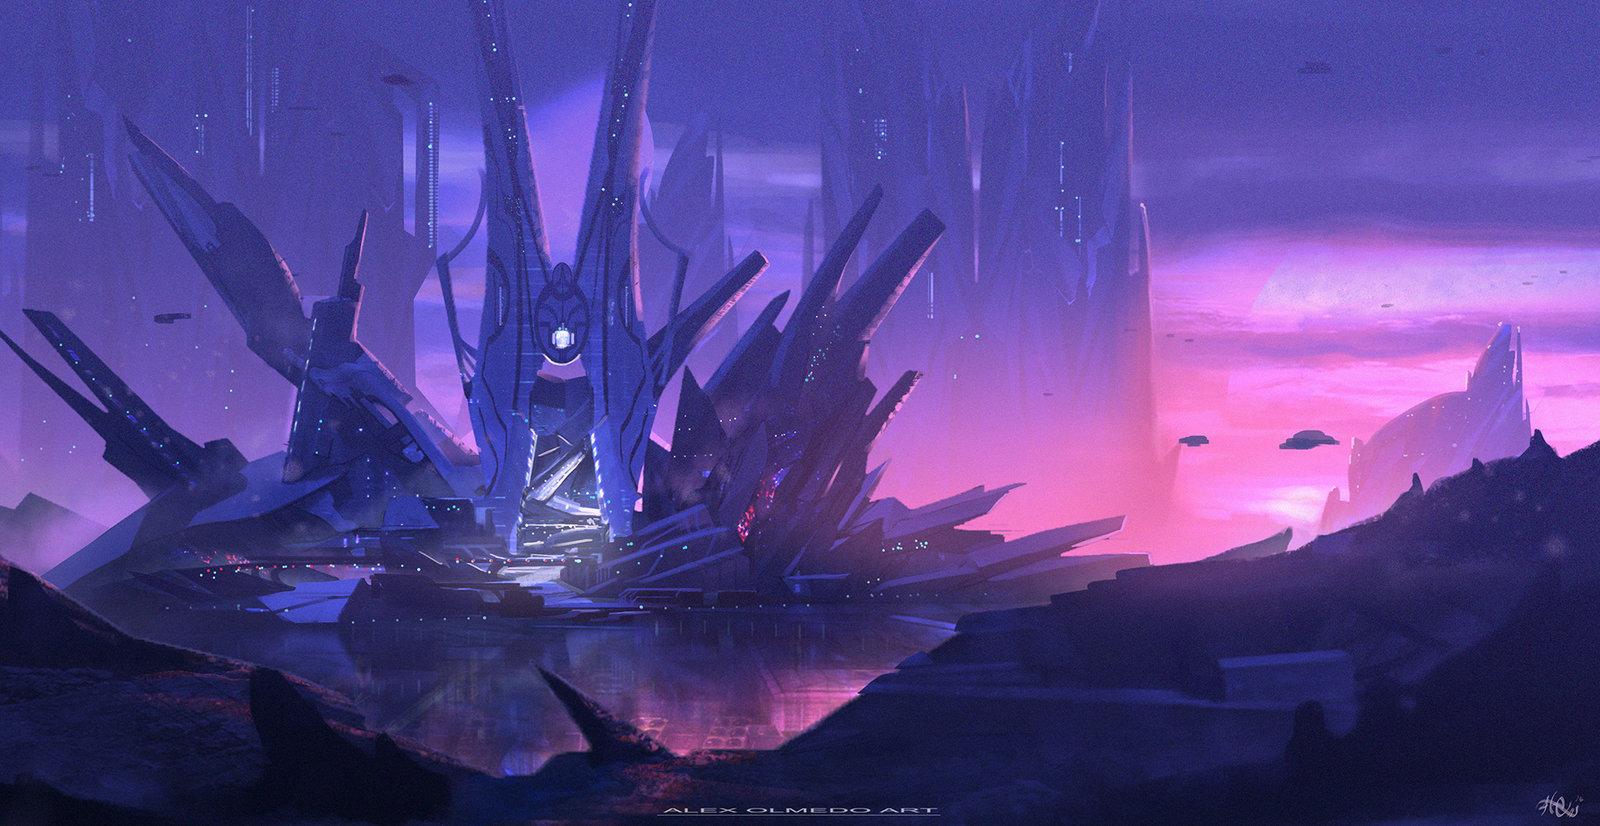 Terra 2601